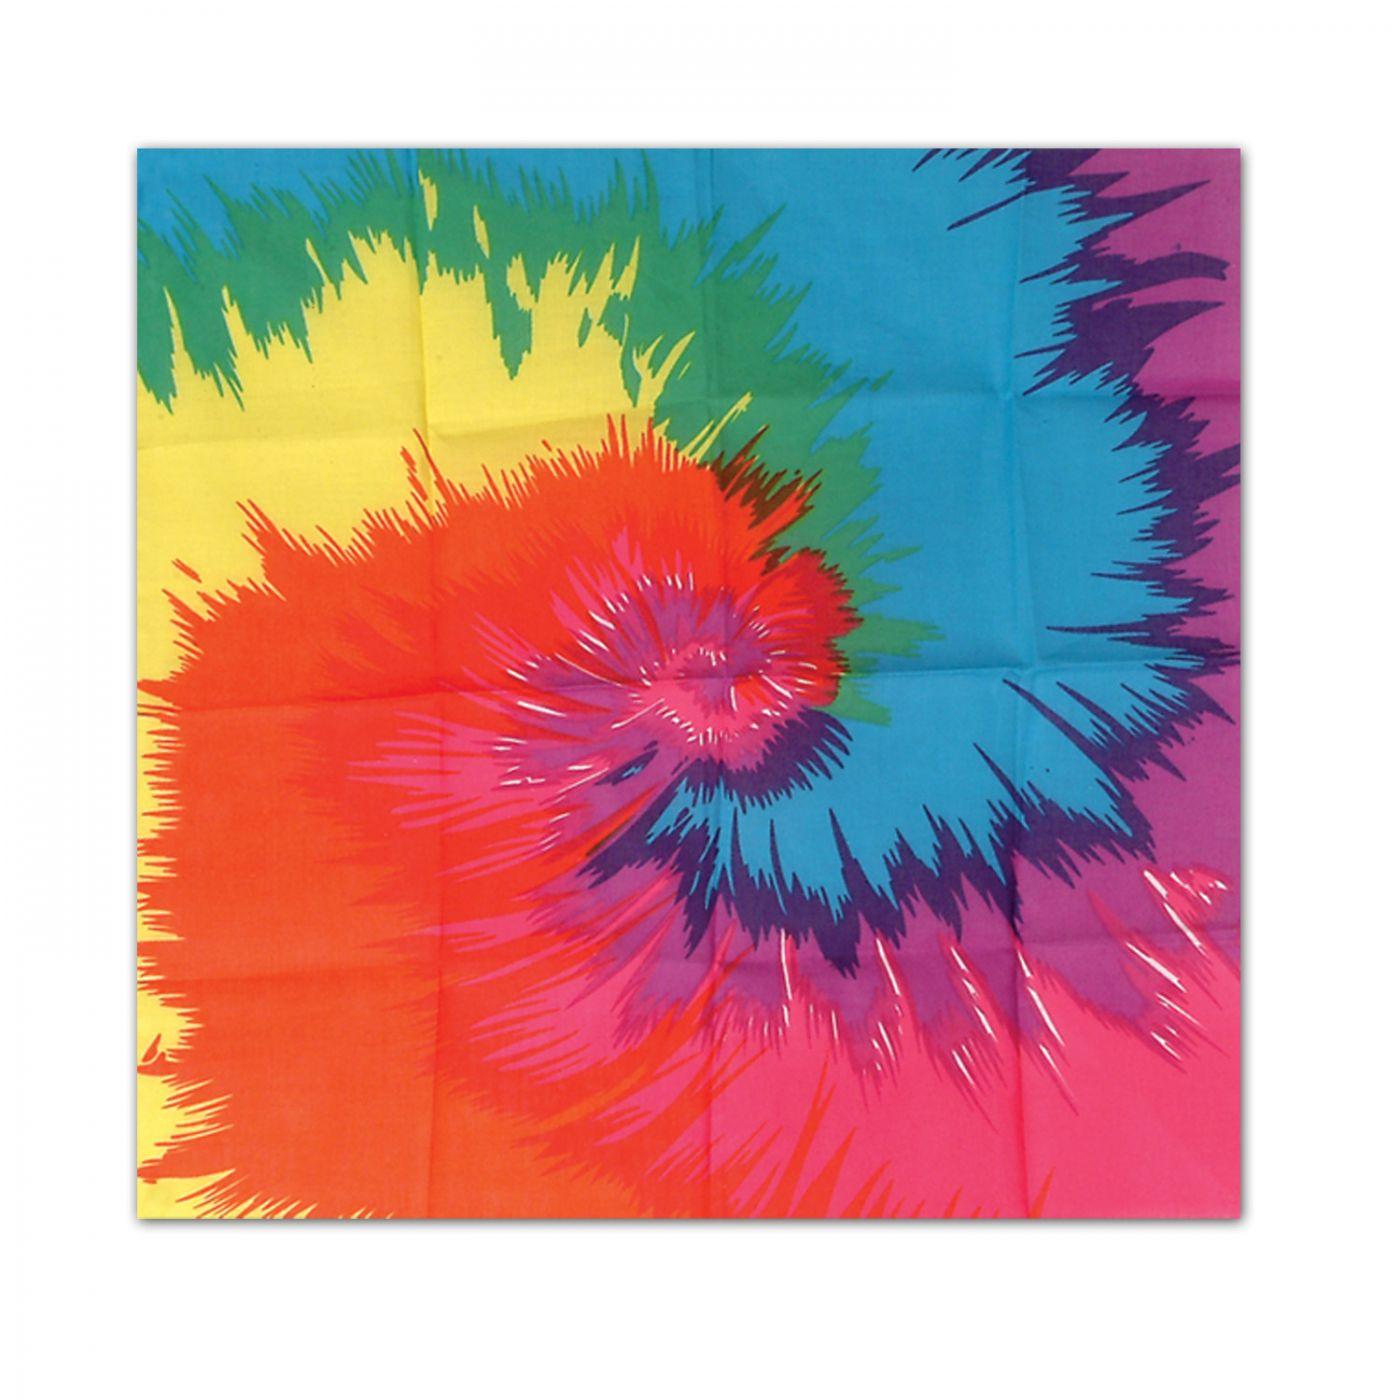 Funky Tie-Dyed Bandana image